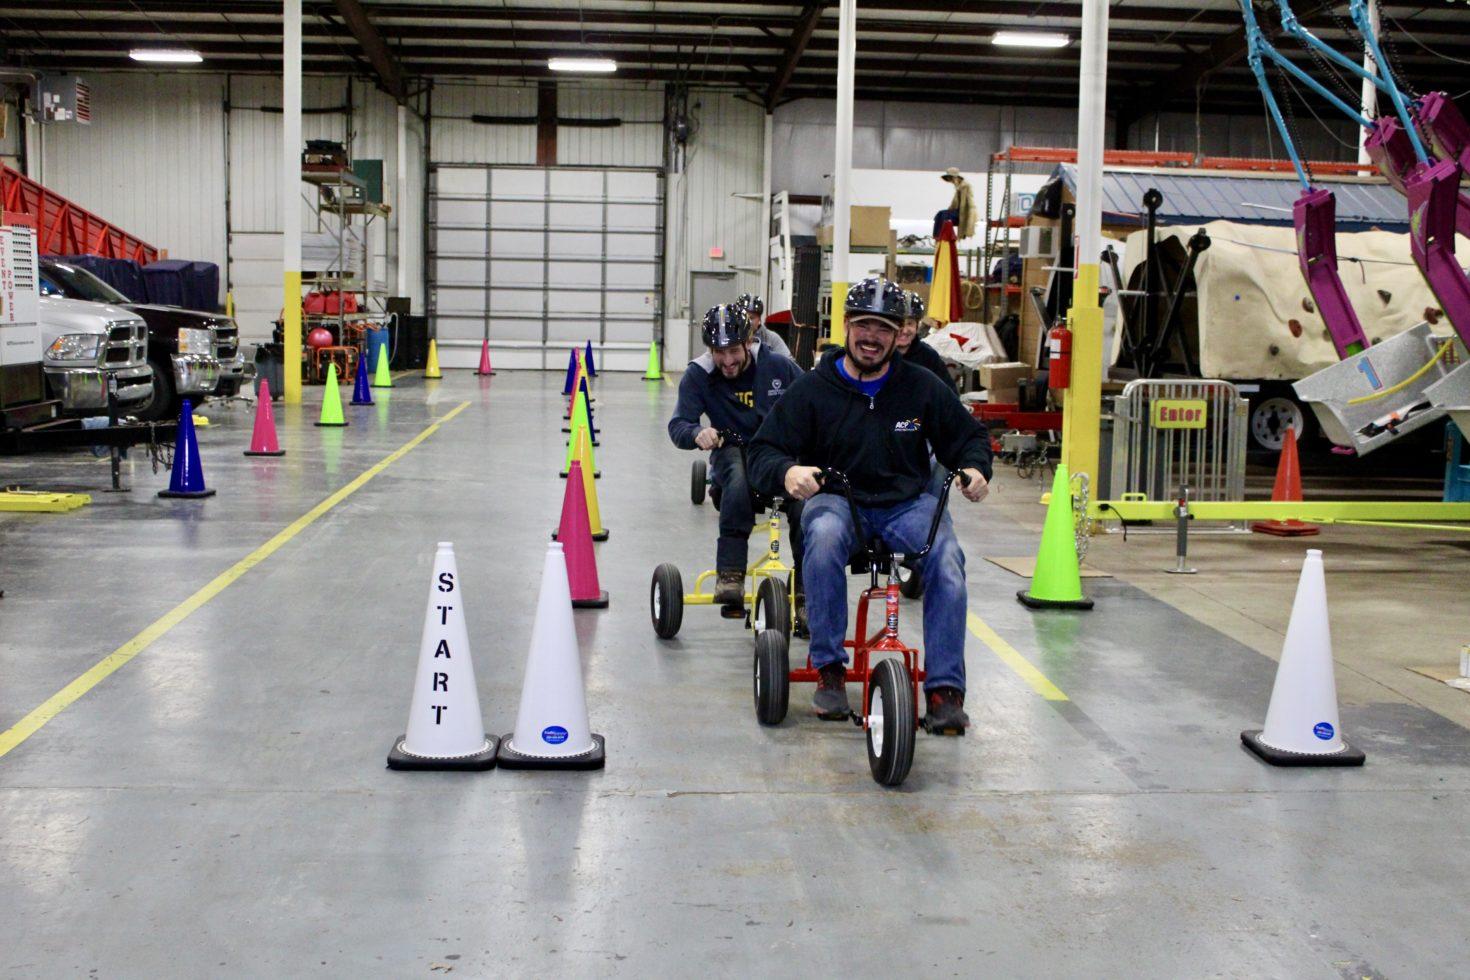 Wacky Trikes Finish Line